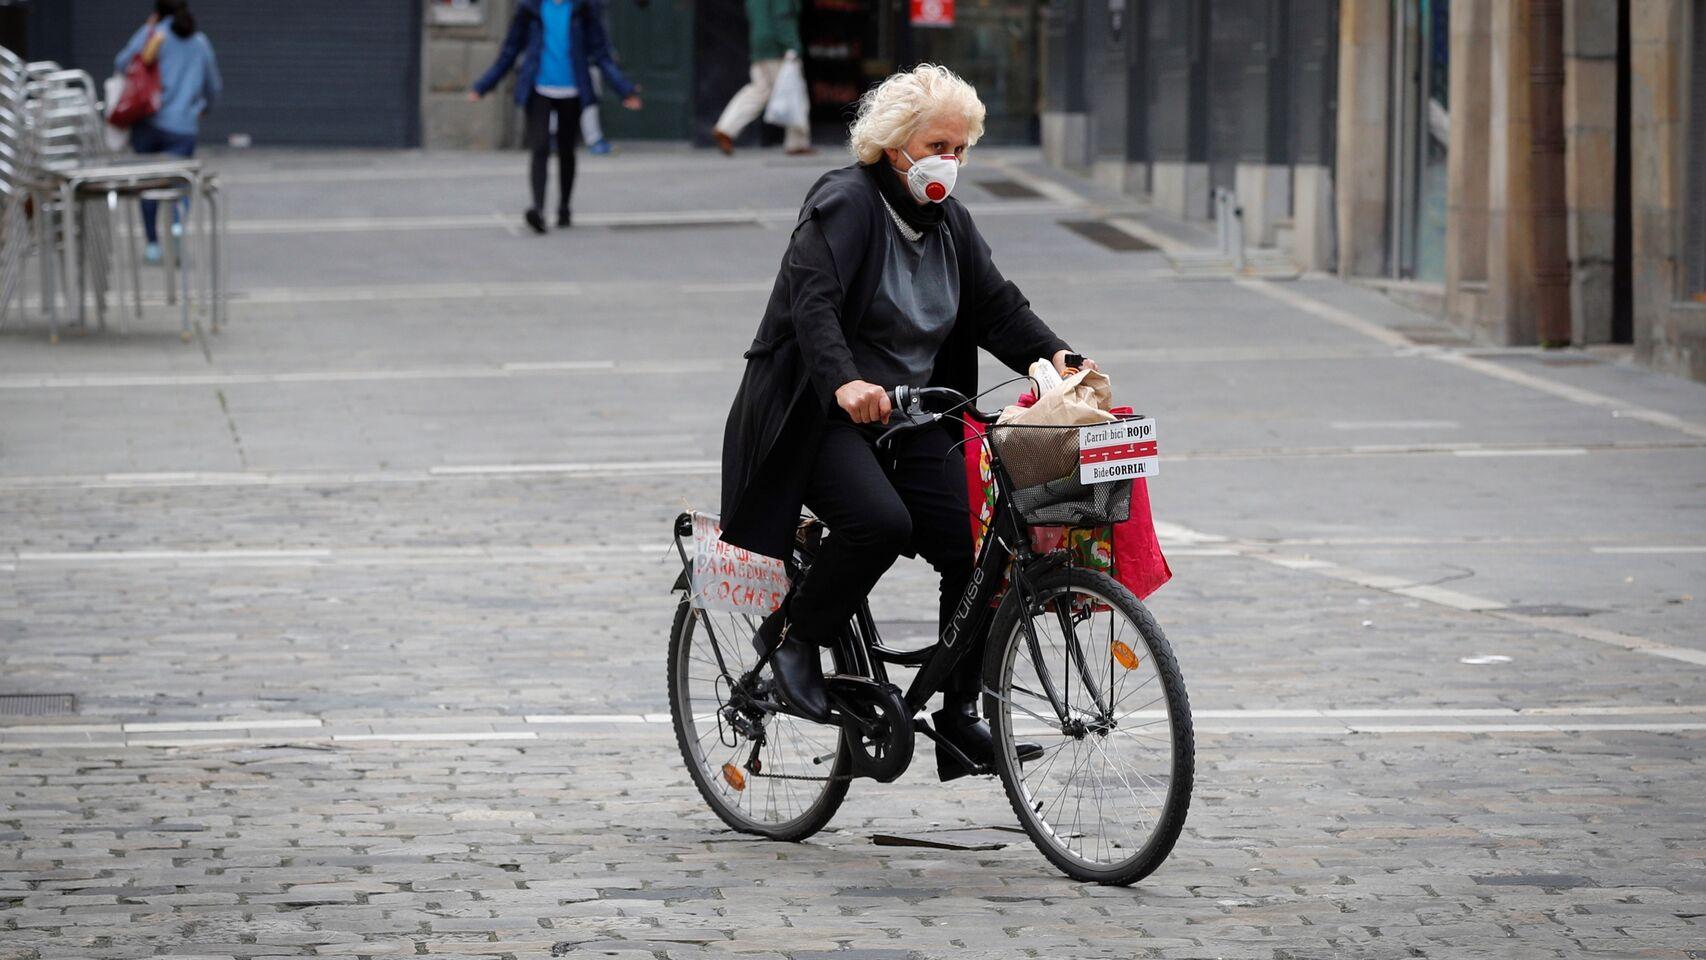 Cierre de gimnasios por pandemia dispara venta de bicicletas